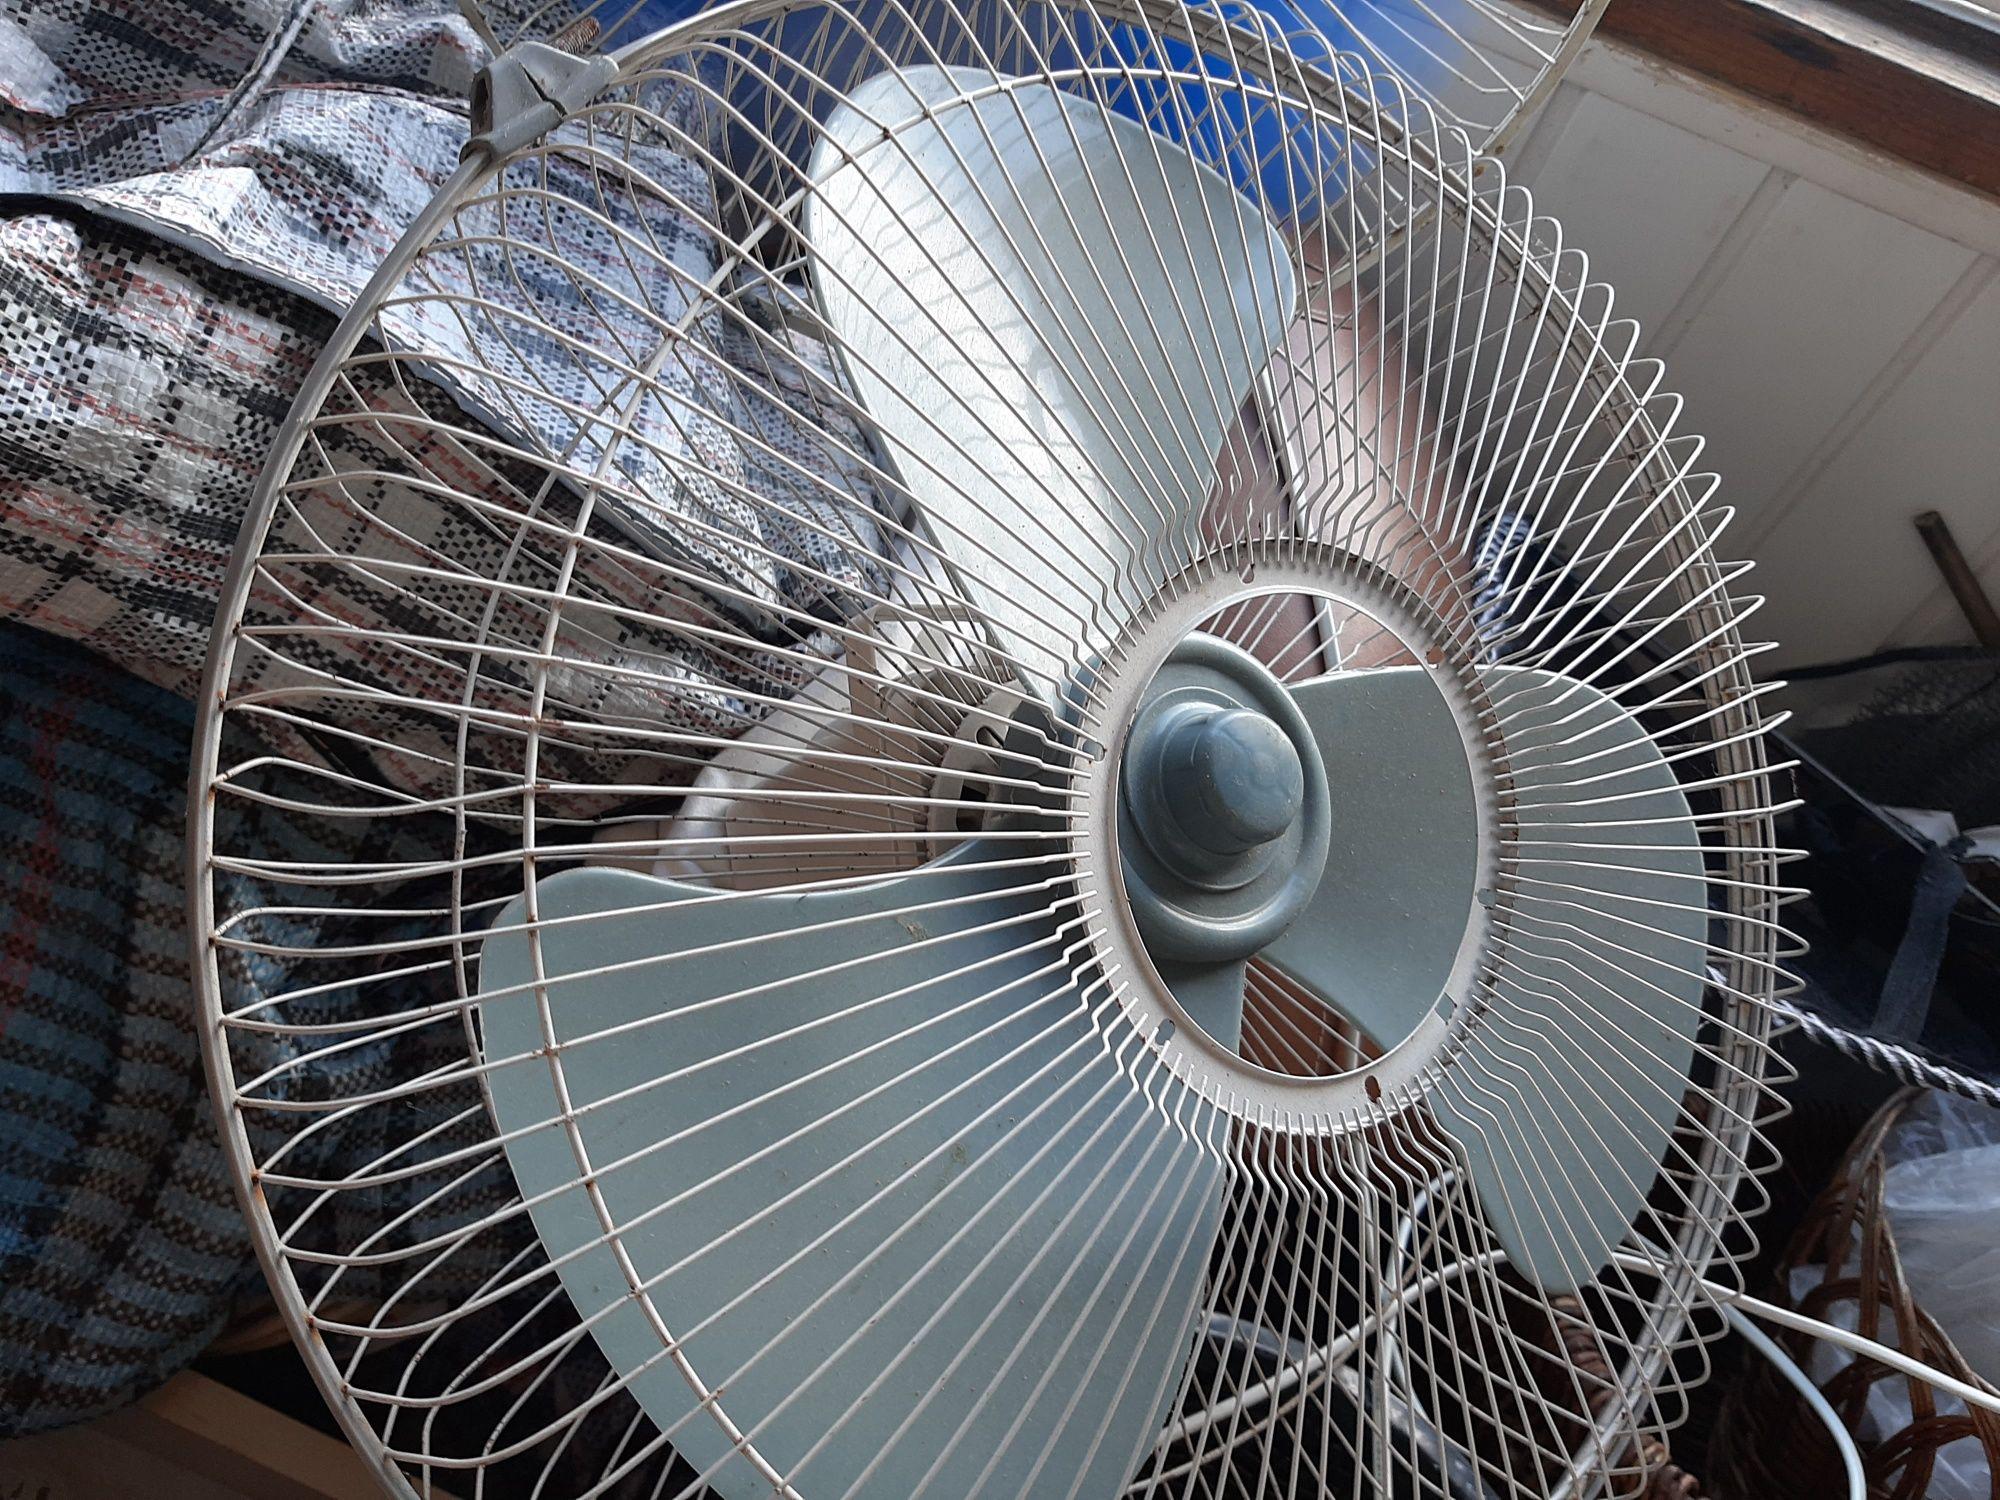 Вентилятор большой без стойки, хор раб состояние.42×22см